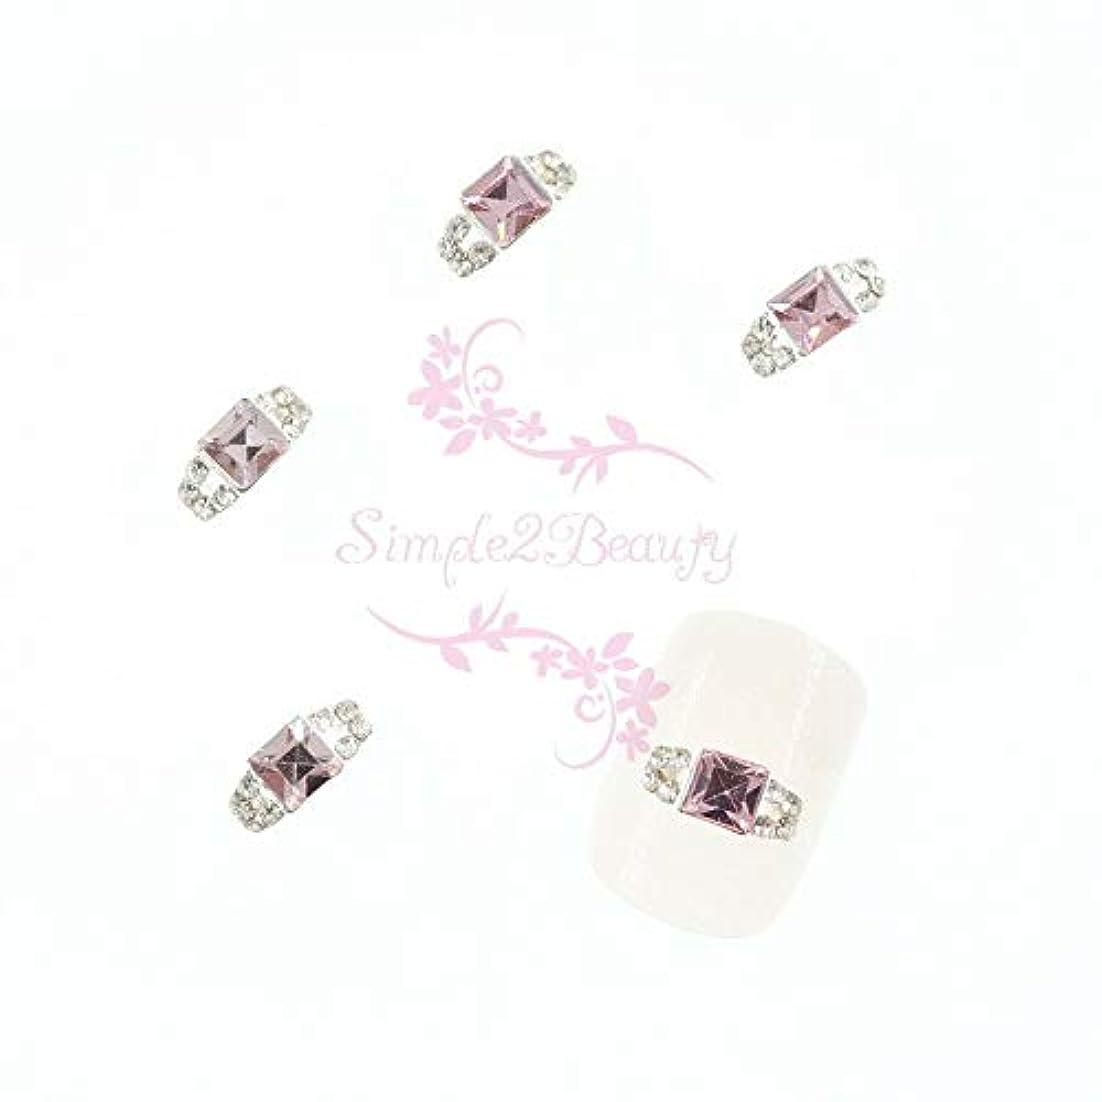 クラウドプラットフォームダイジェストFidgetGear 20クリスタルラインストーンの装飾3Dリングスタイルシルバーメッキ合金チャームネイルアート ピンク